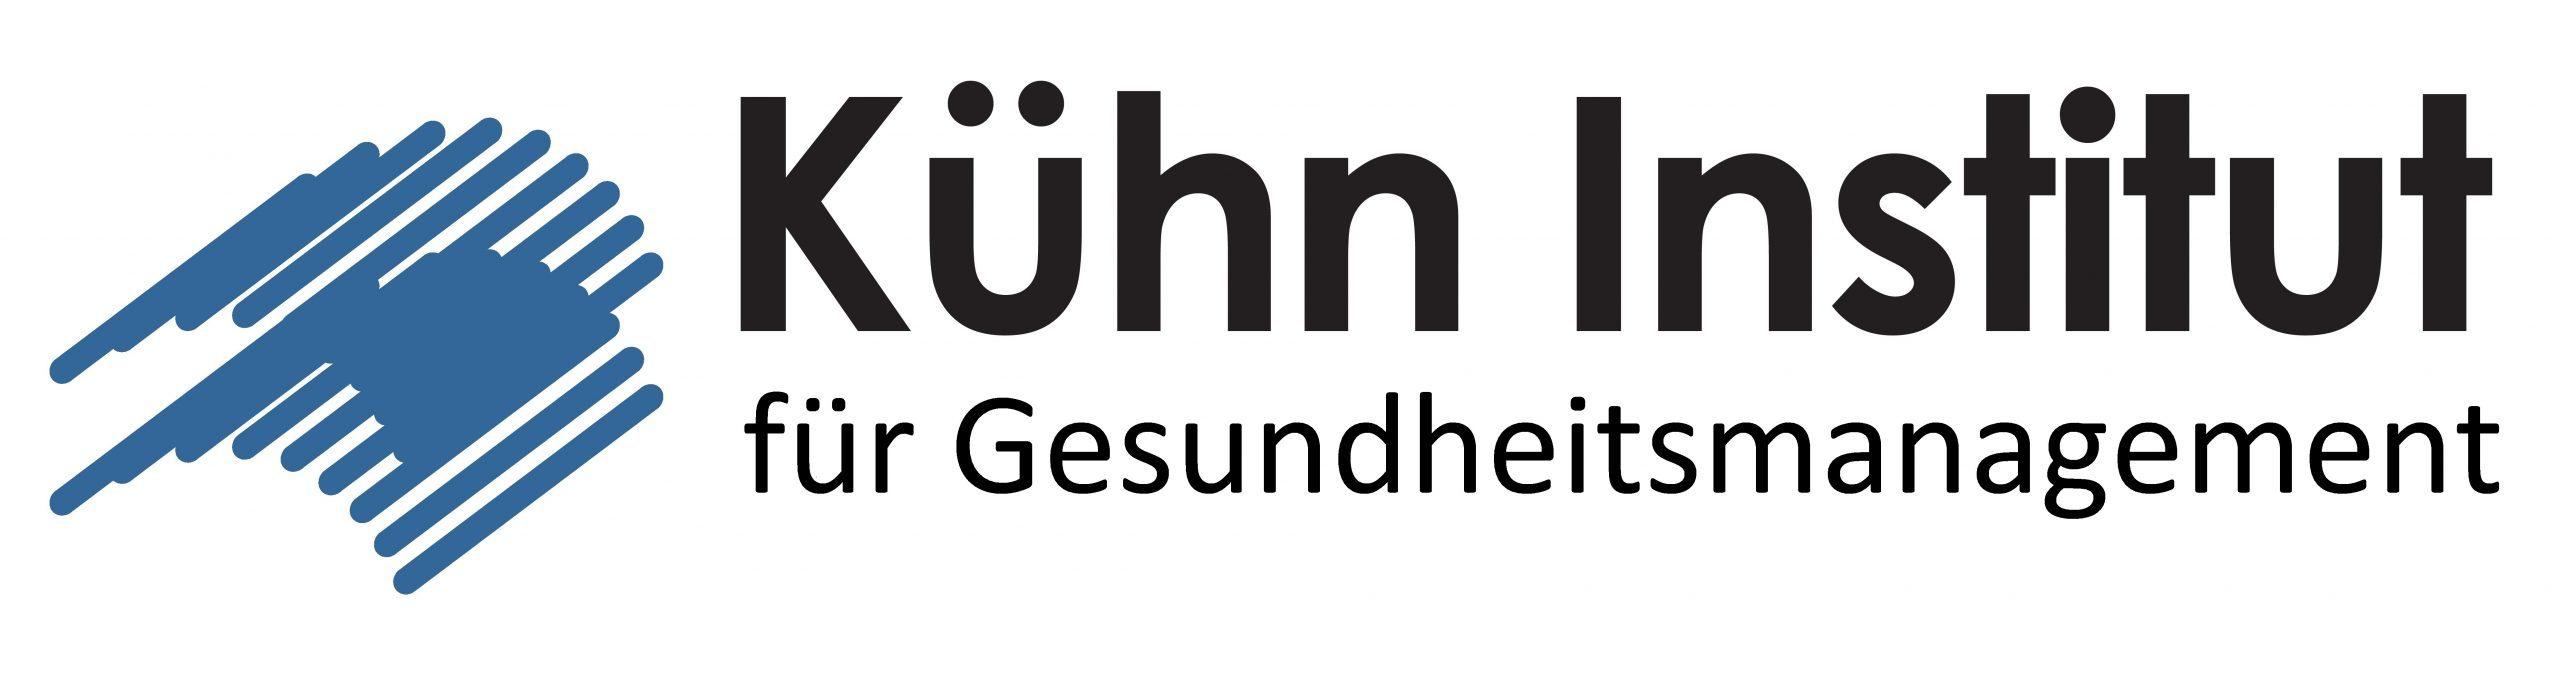 Kühn Institut